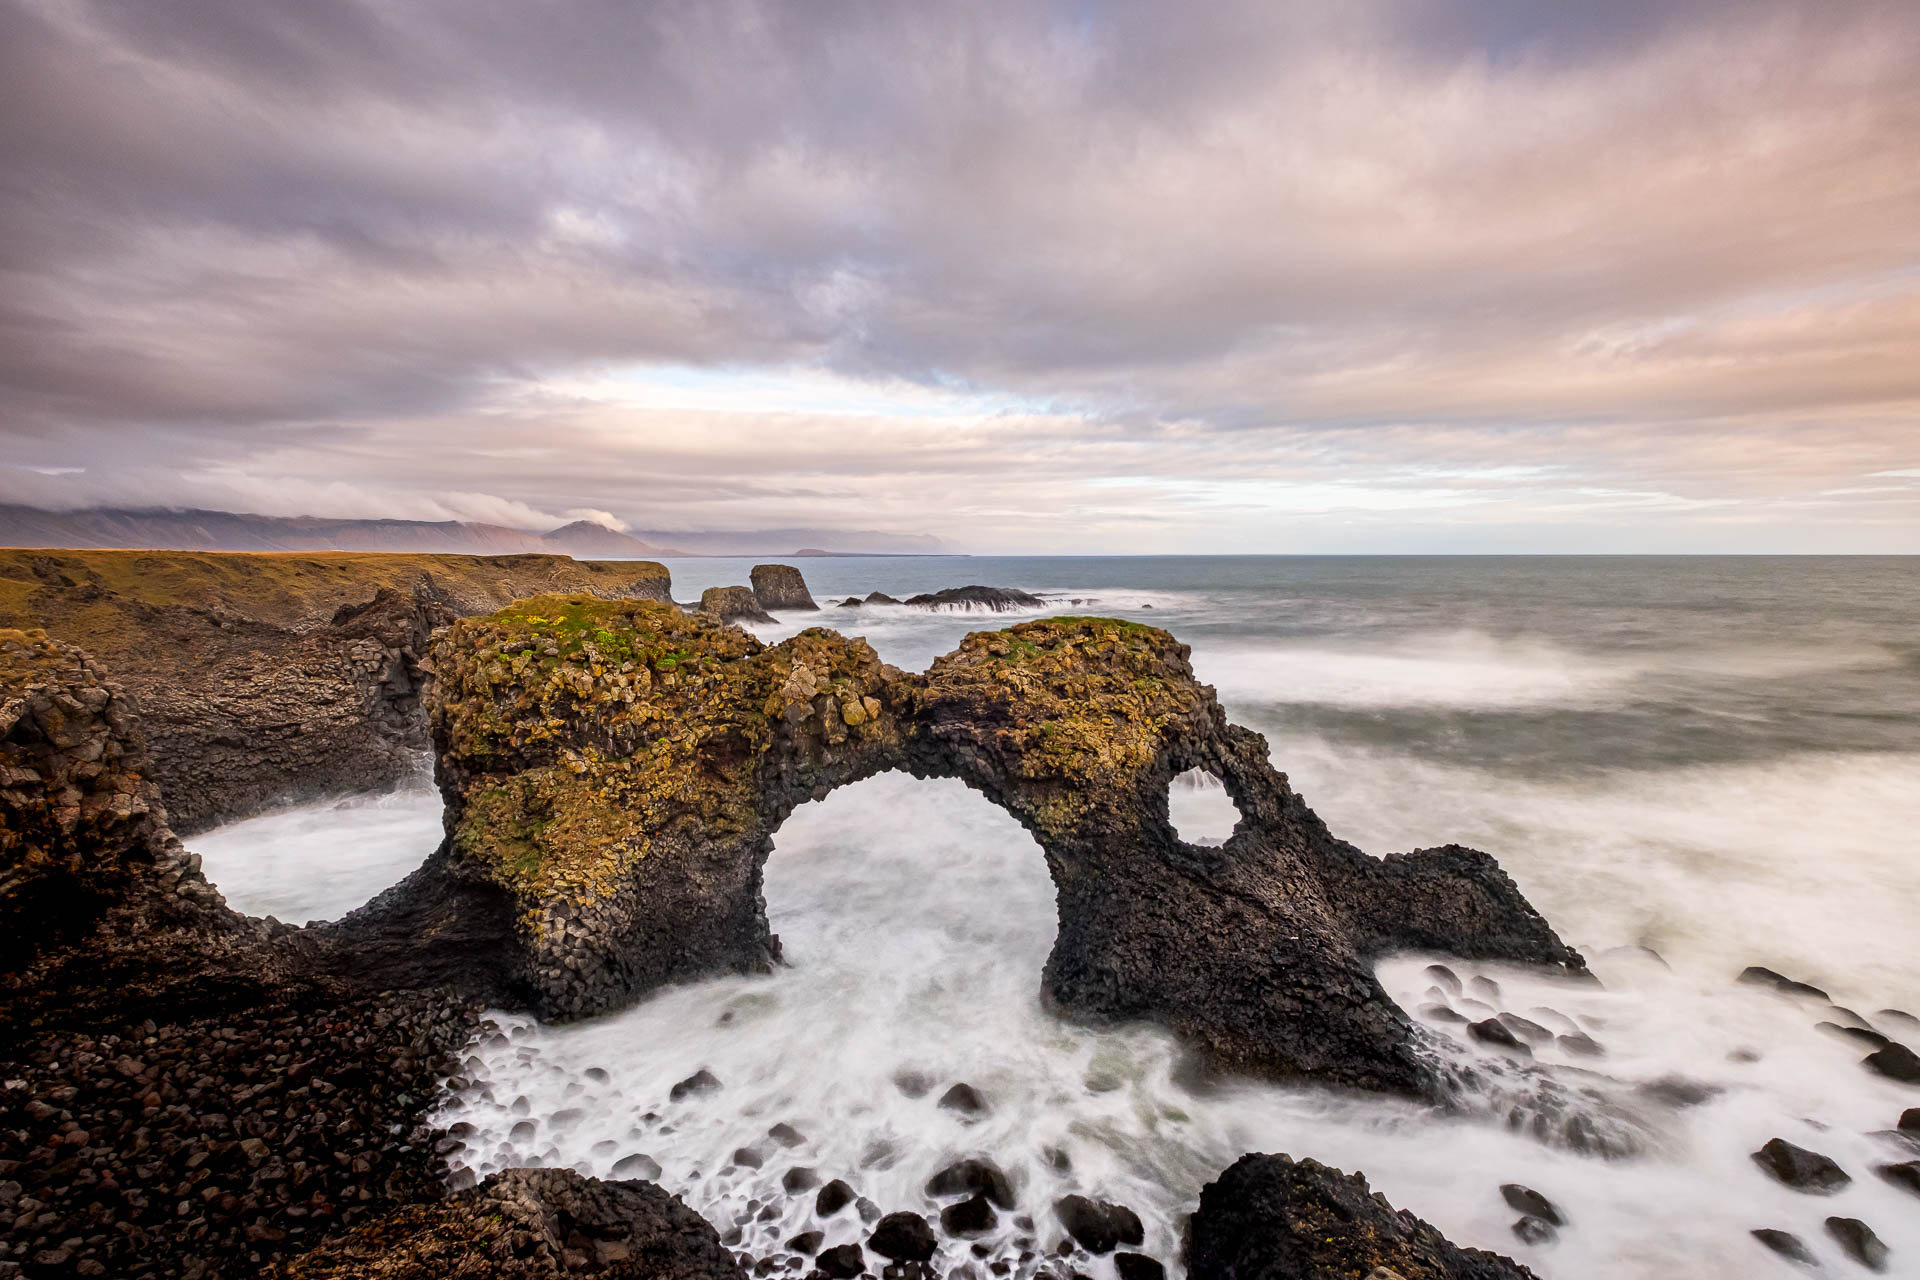 Gatklettur rock arch in Iceland